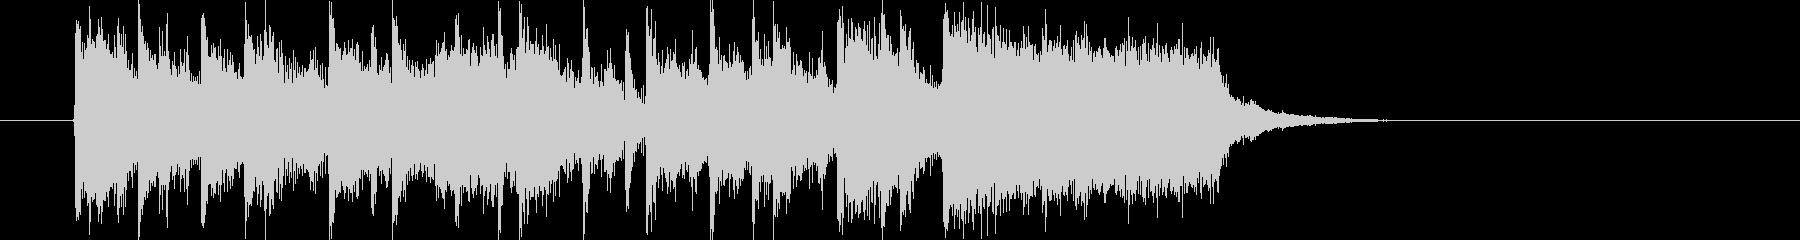 アップテンポでポップなイントロの未再生の波形